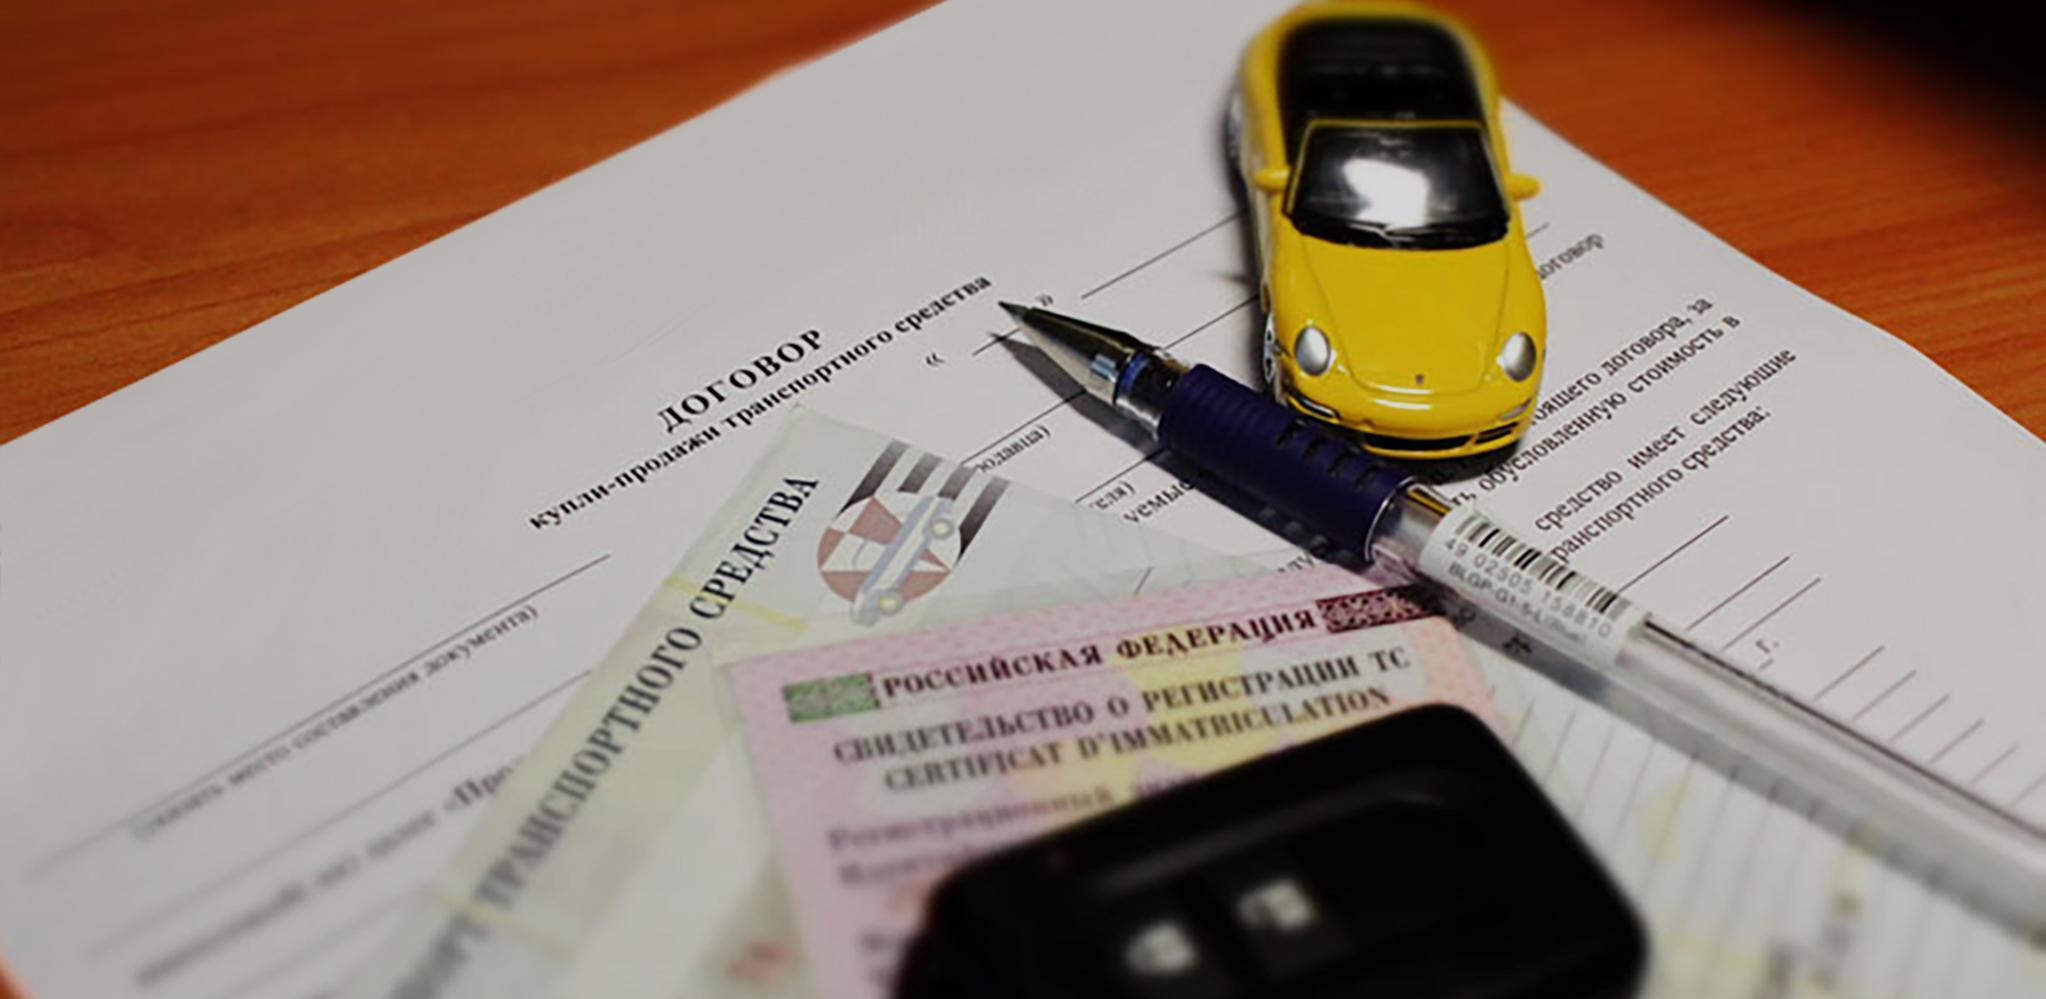 Договор купли-продажи авто - бланки и правила заполнения